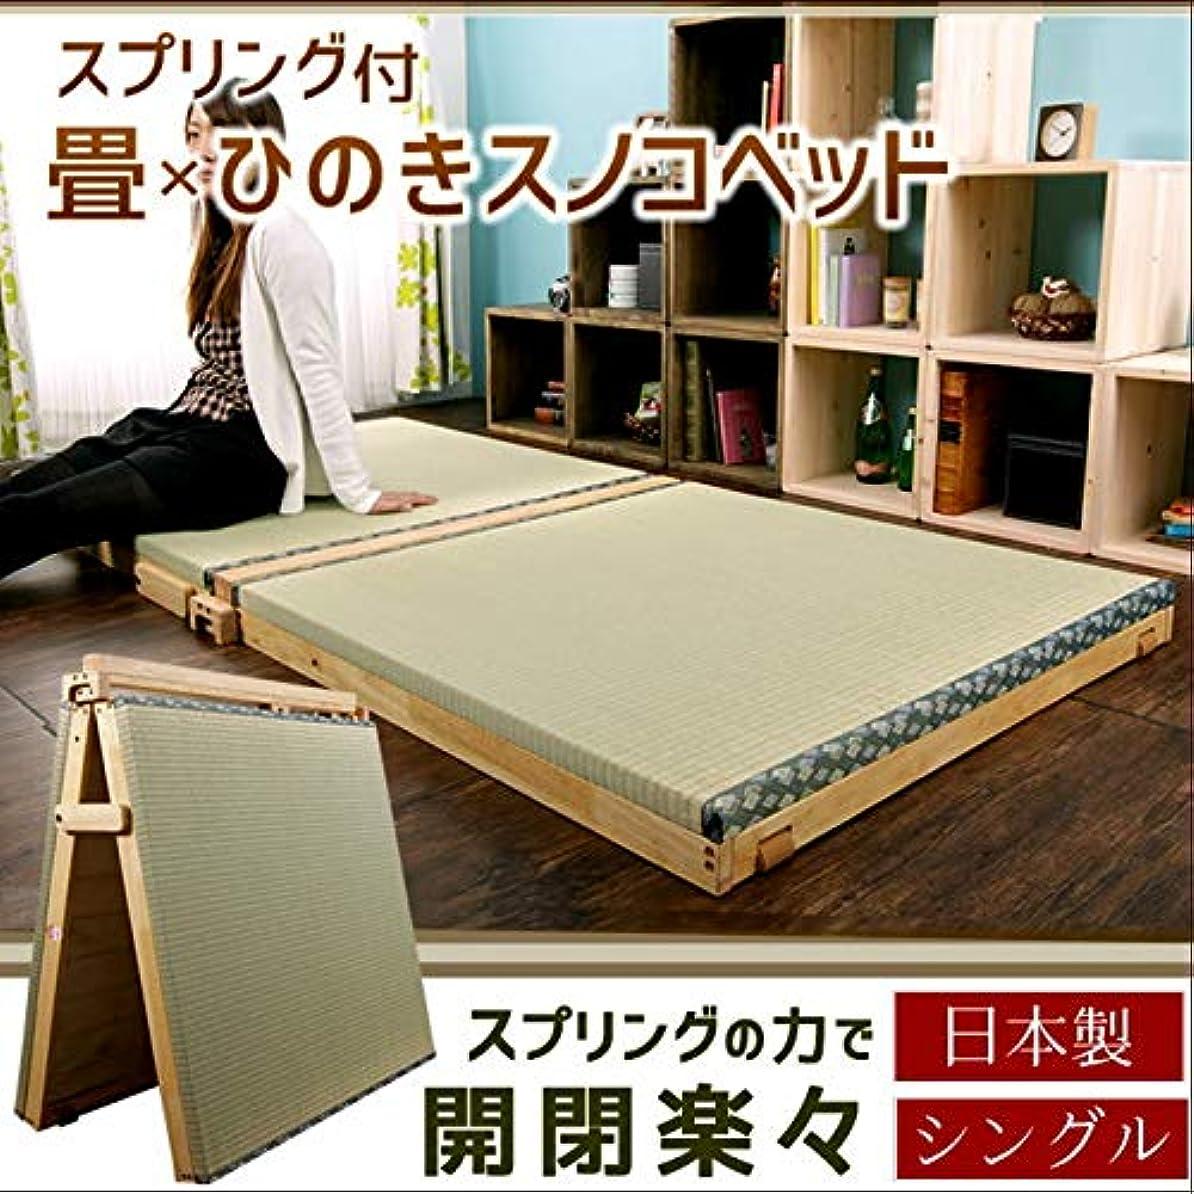 ひもタクト彼女の折りたたみ畳ベッド 畳マット シングル 折り畳み楽々スプリング付 高さ9.5cm 広島府中家具